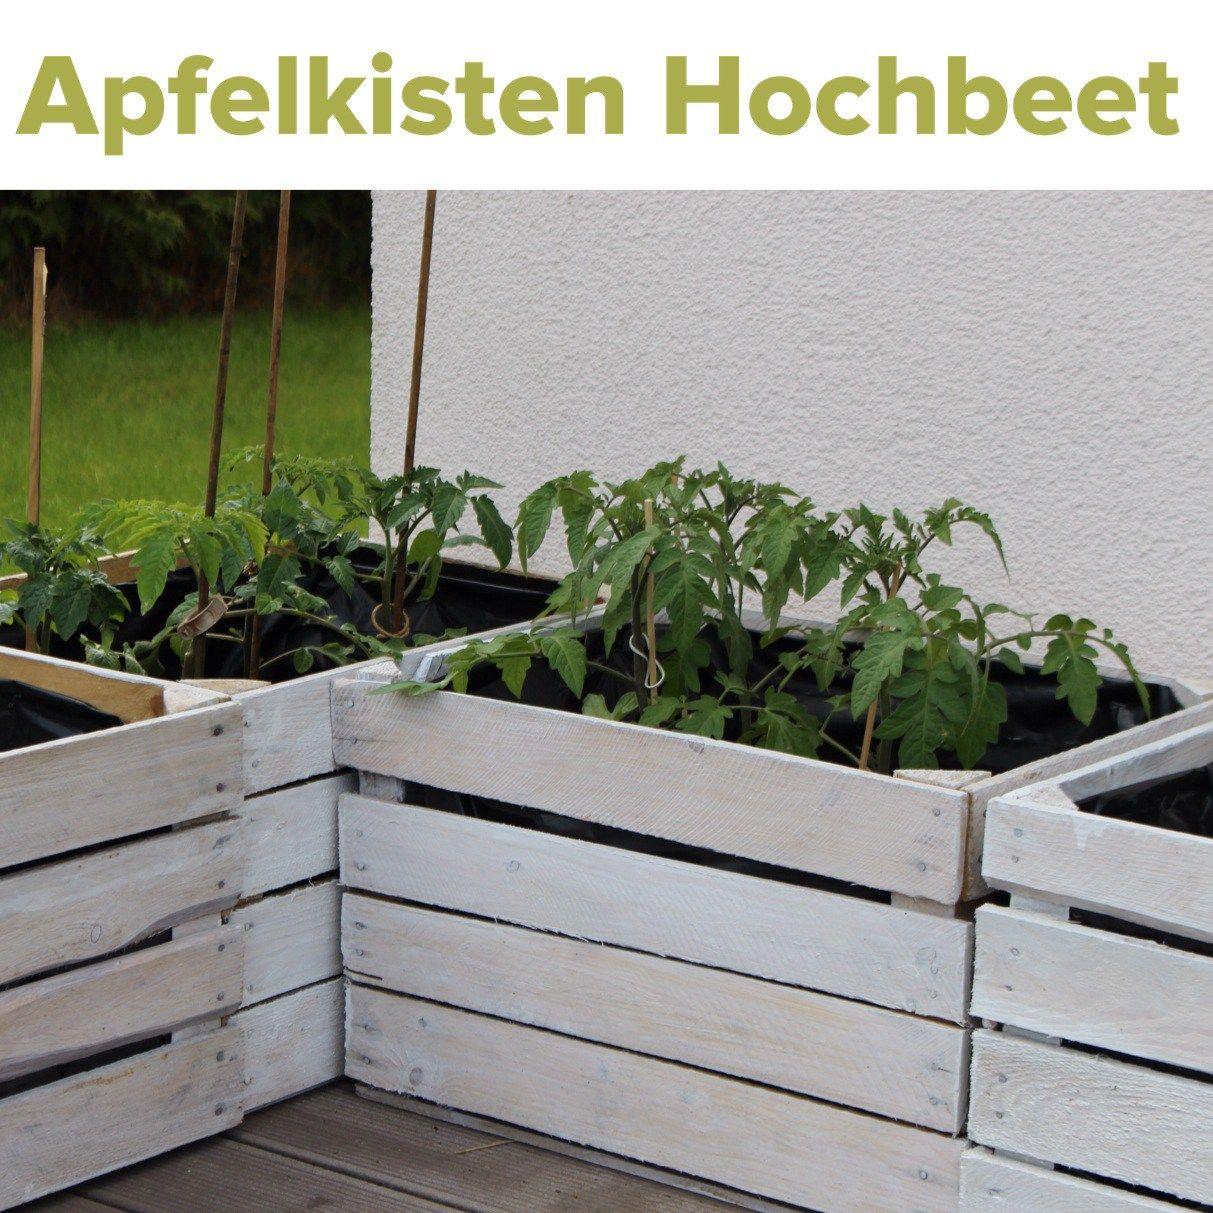 obstkisten upcycling hochbeet gemüsepflanzen | feuerstelle